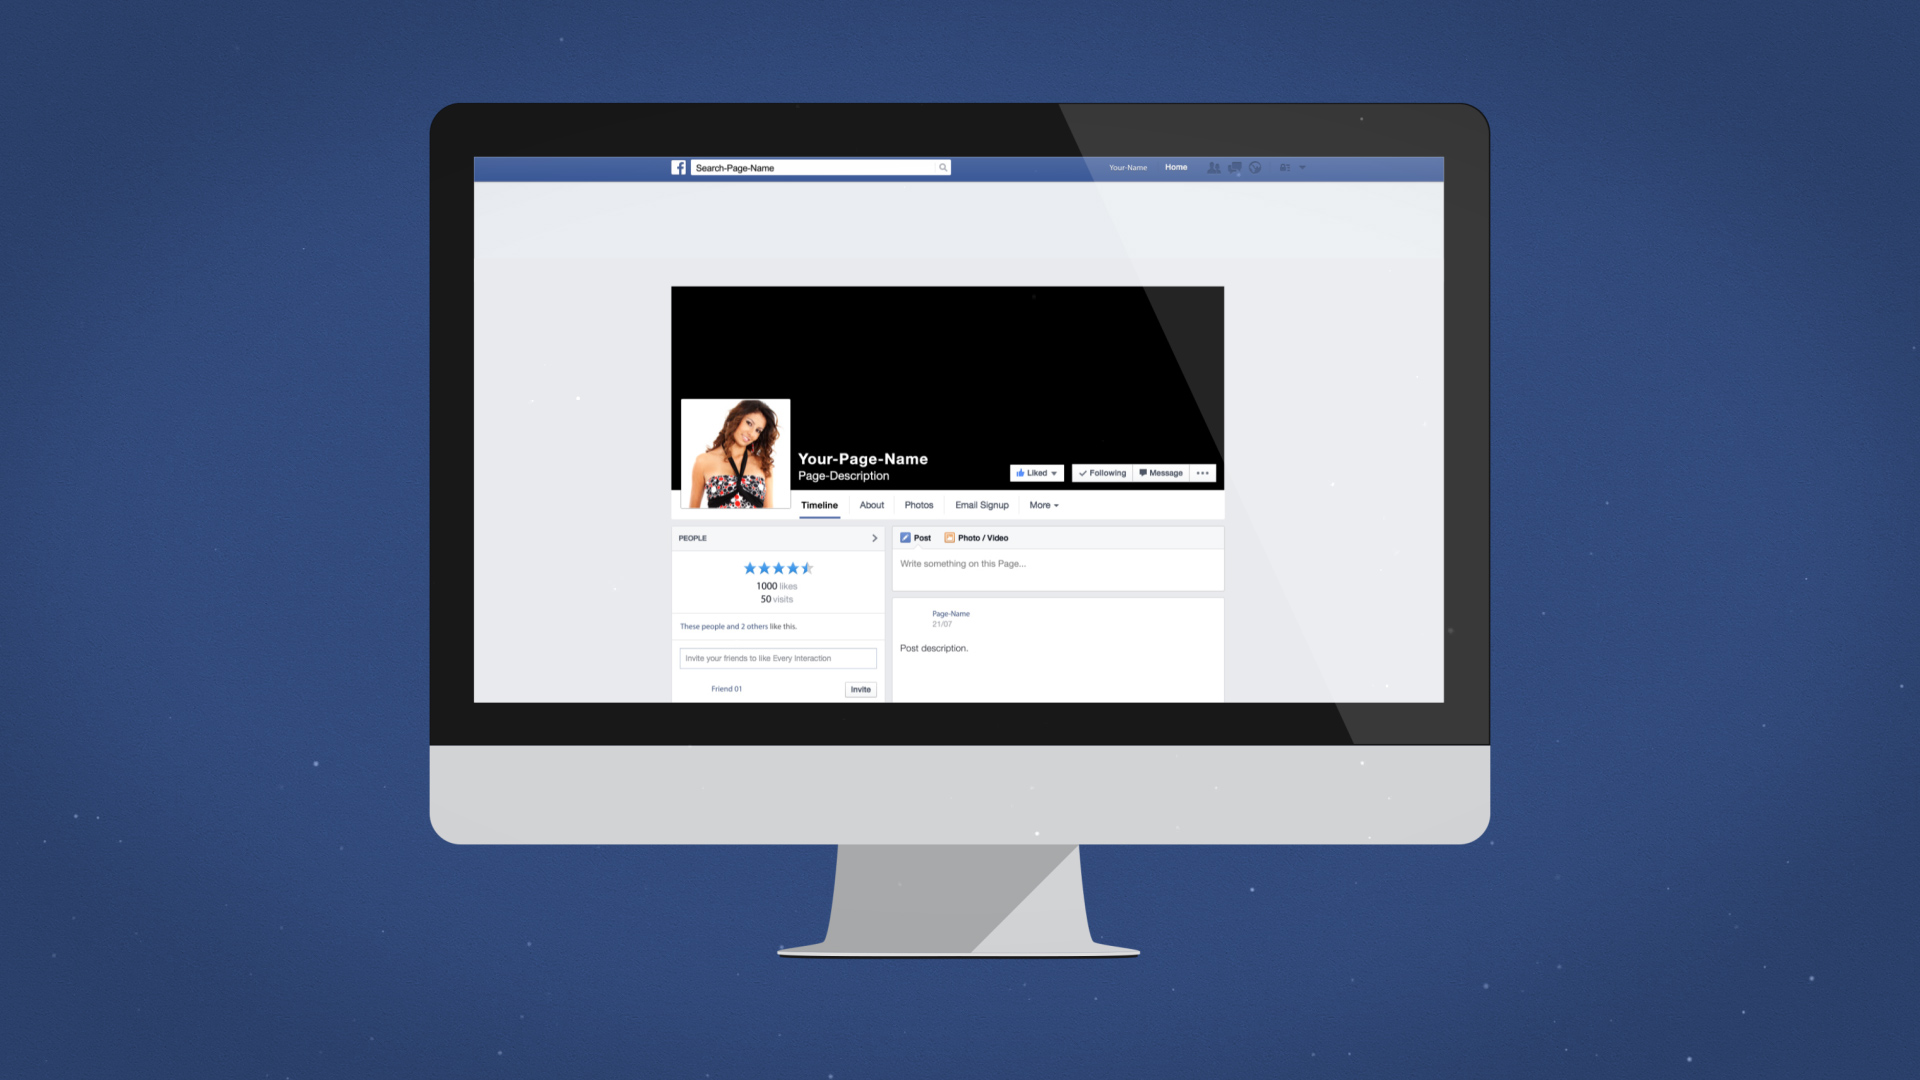 facebook desktop intro after effects template. Black Bedroom Furniture Sets. Home Design Ideas